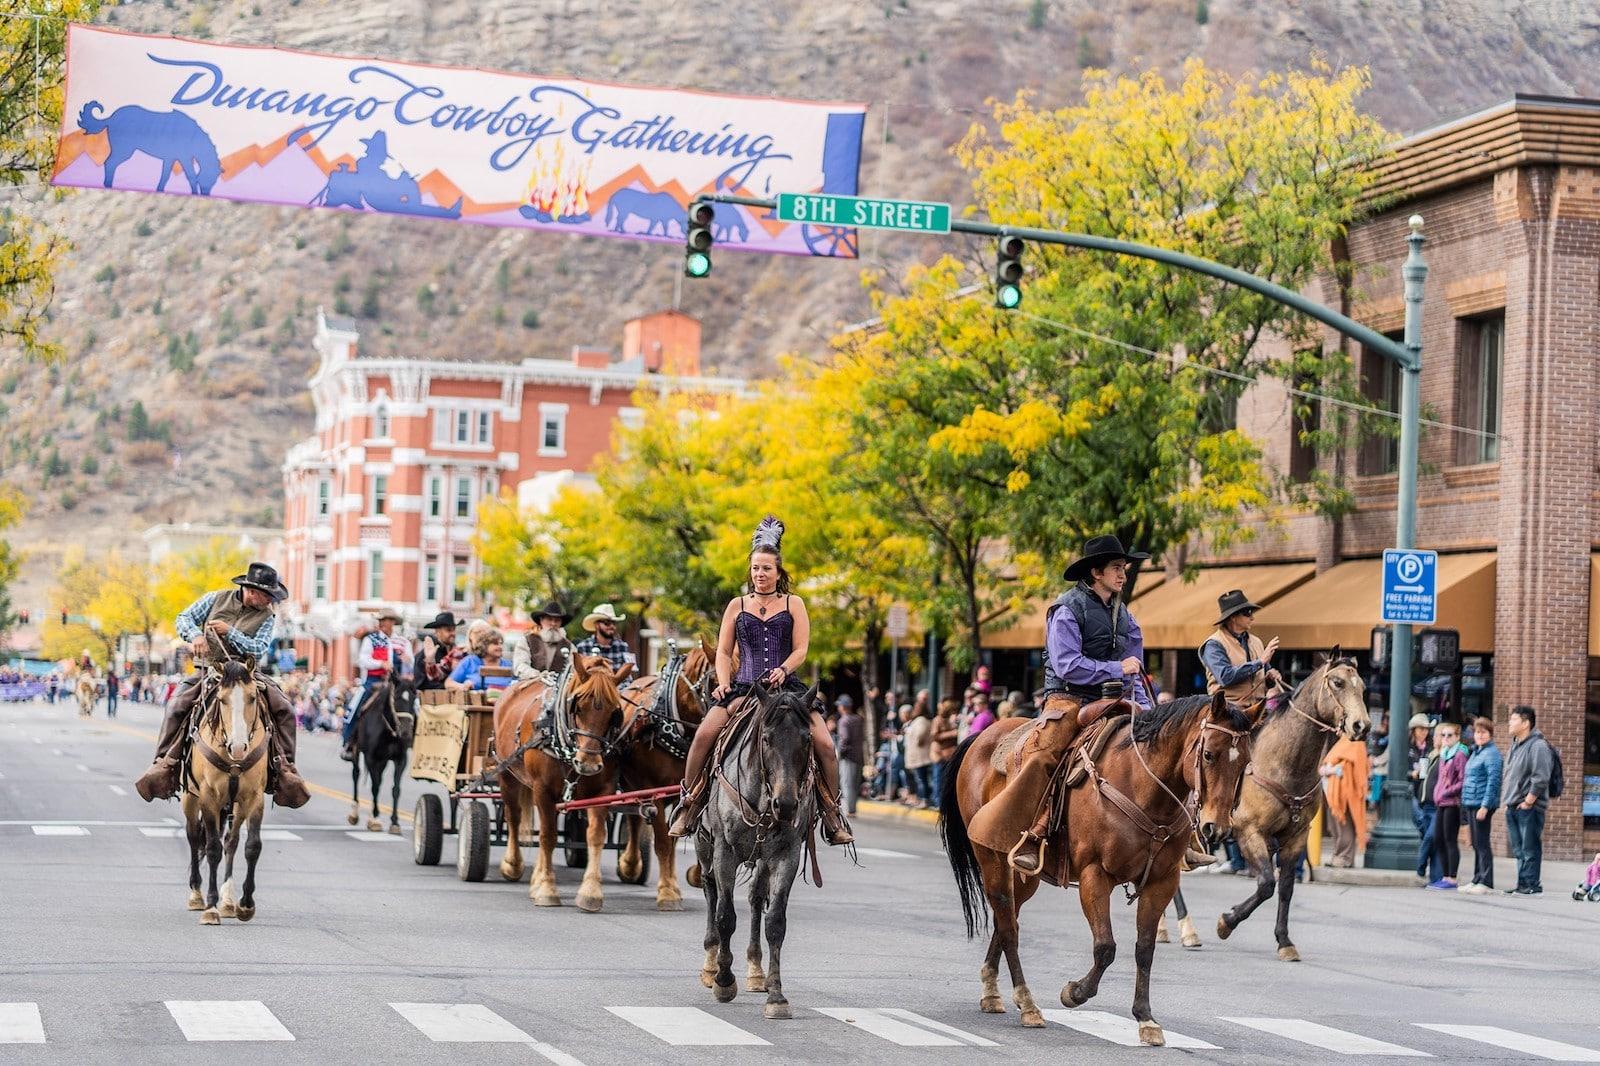 Image Durango Cowboy Gathering Parade in Colorado